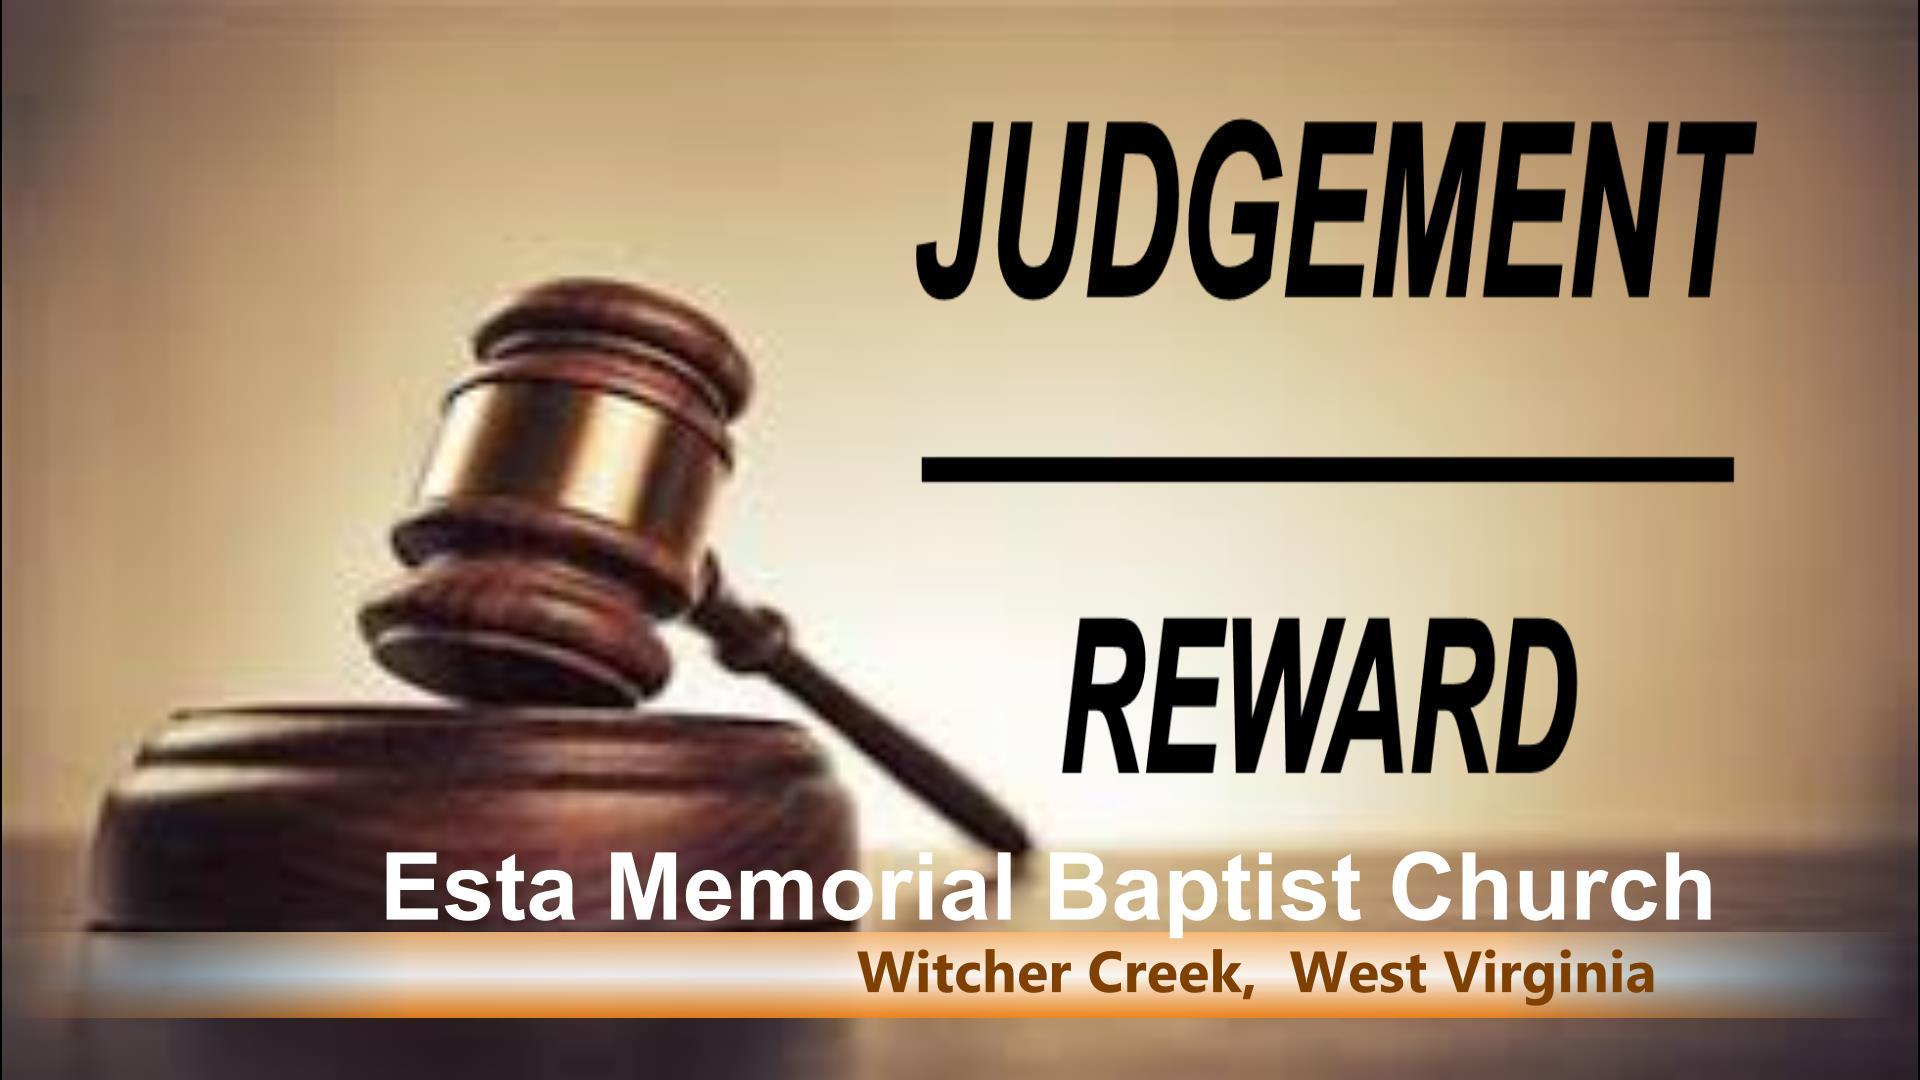 JUDGEMENT / REWARD